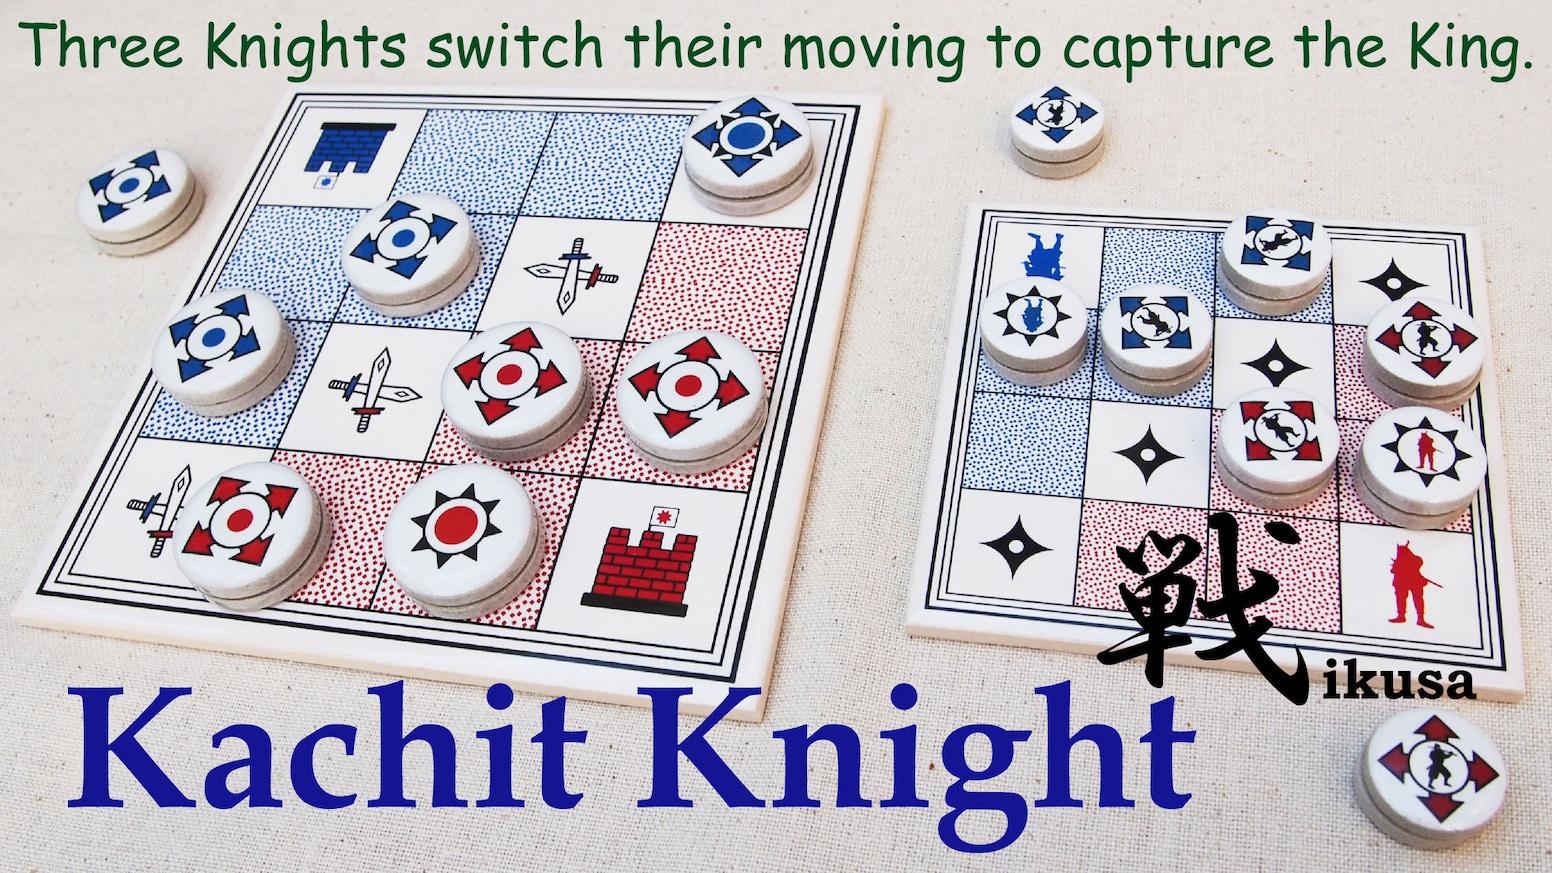 Kachit Knight